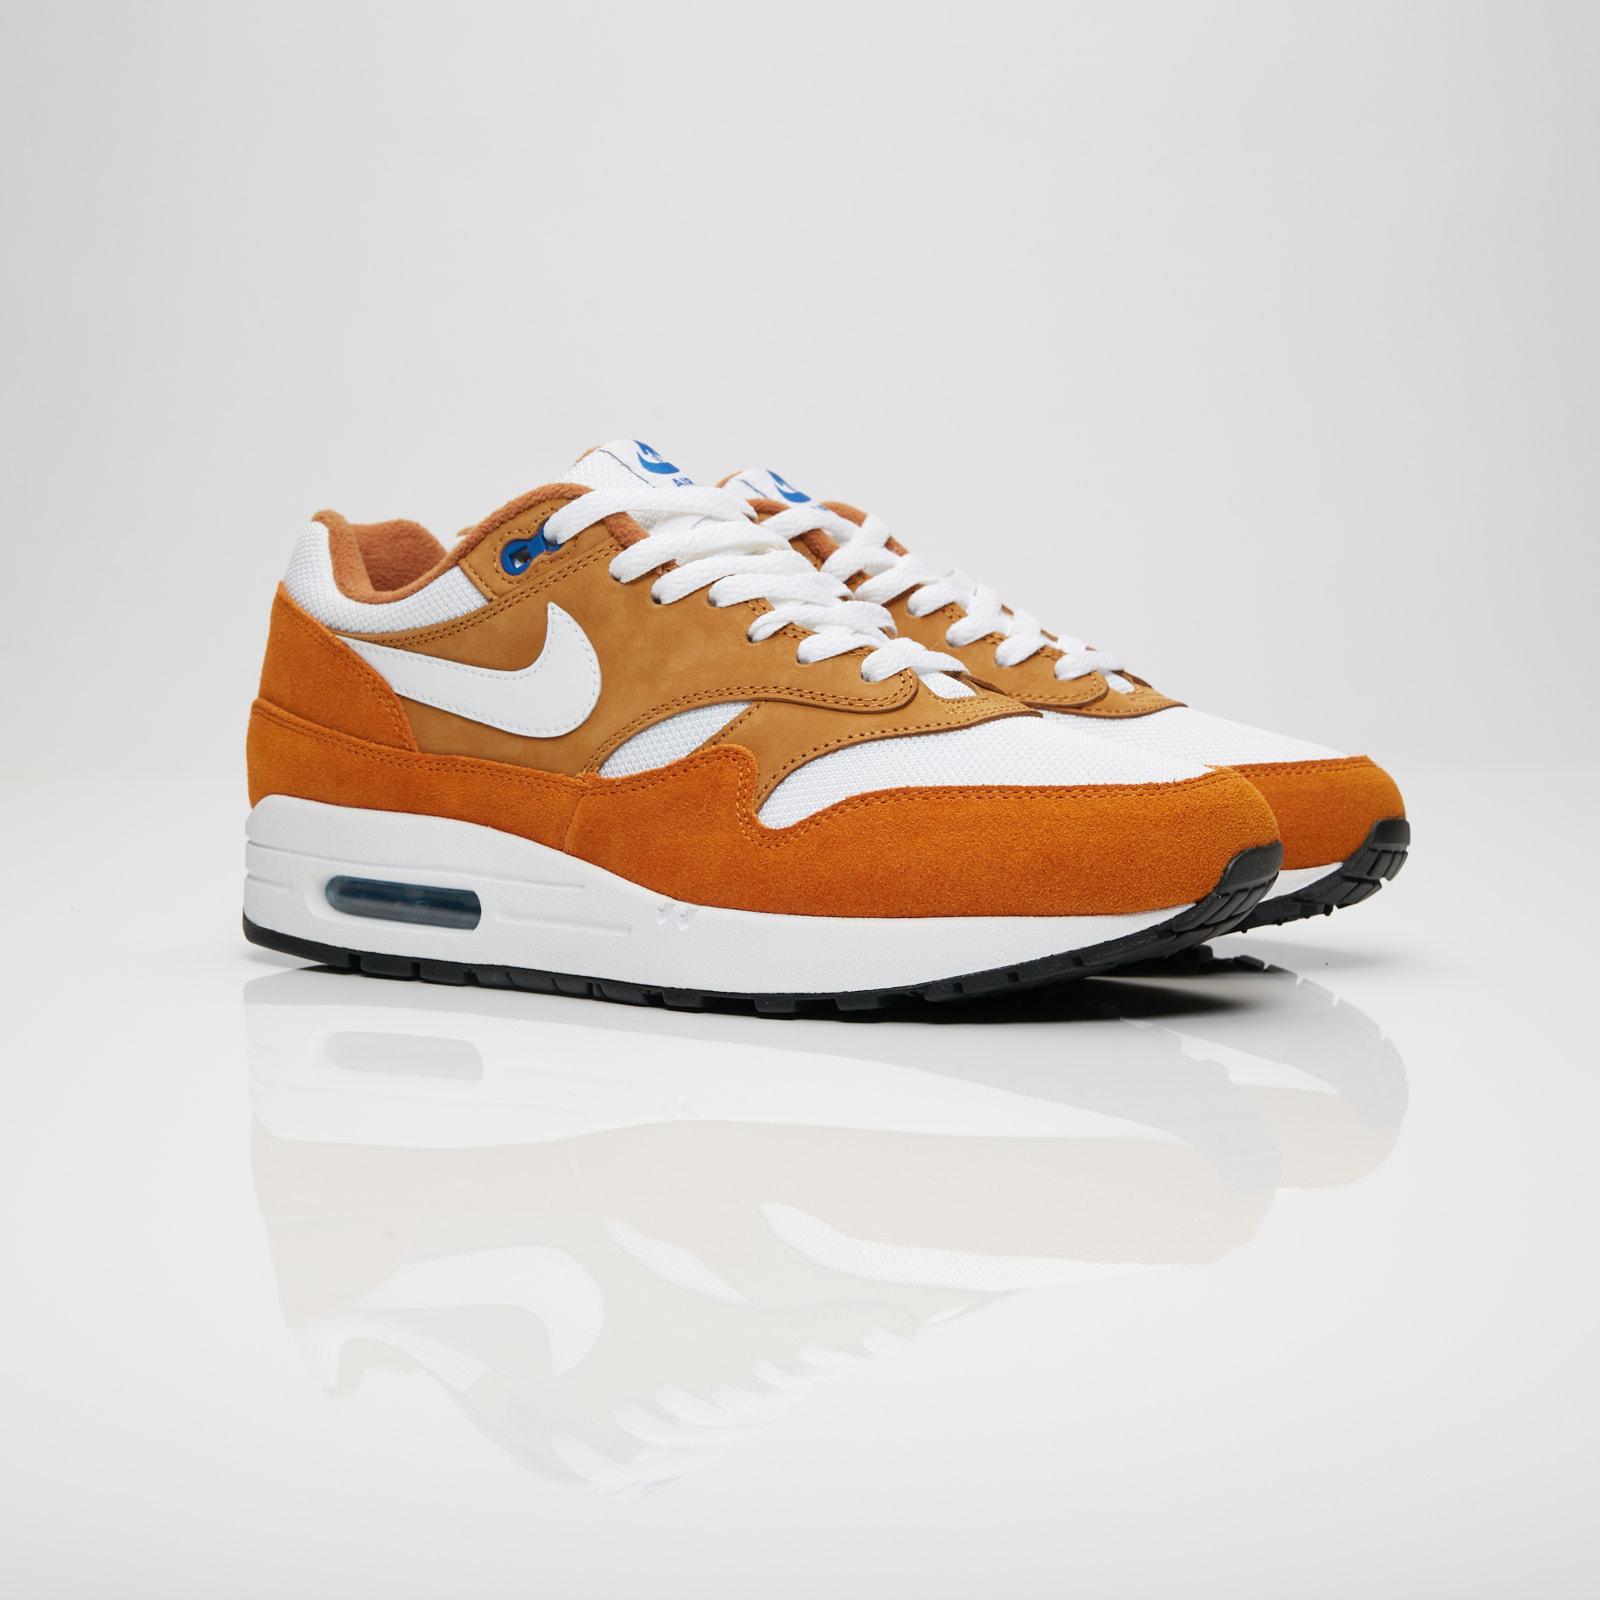 c4c00f4b Very Goods   Nike Air Max 1 Premium Retro - 908366-700 ...